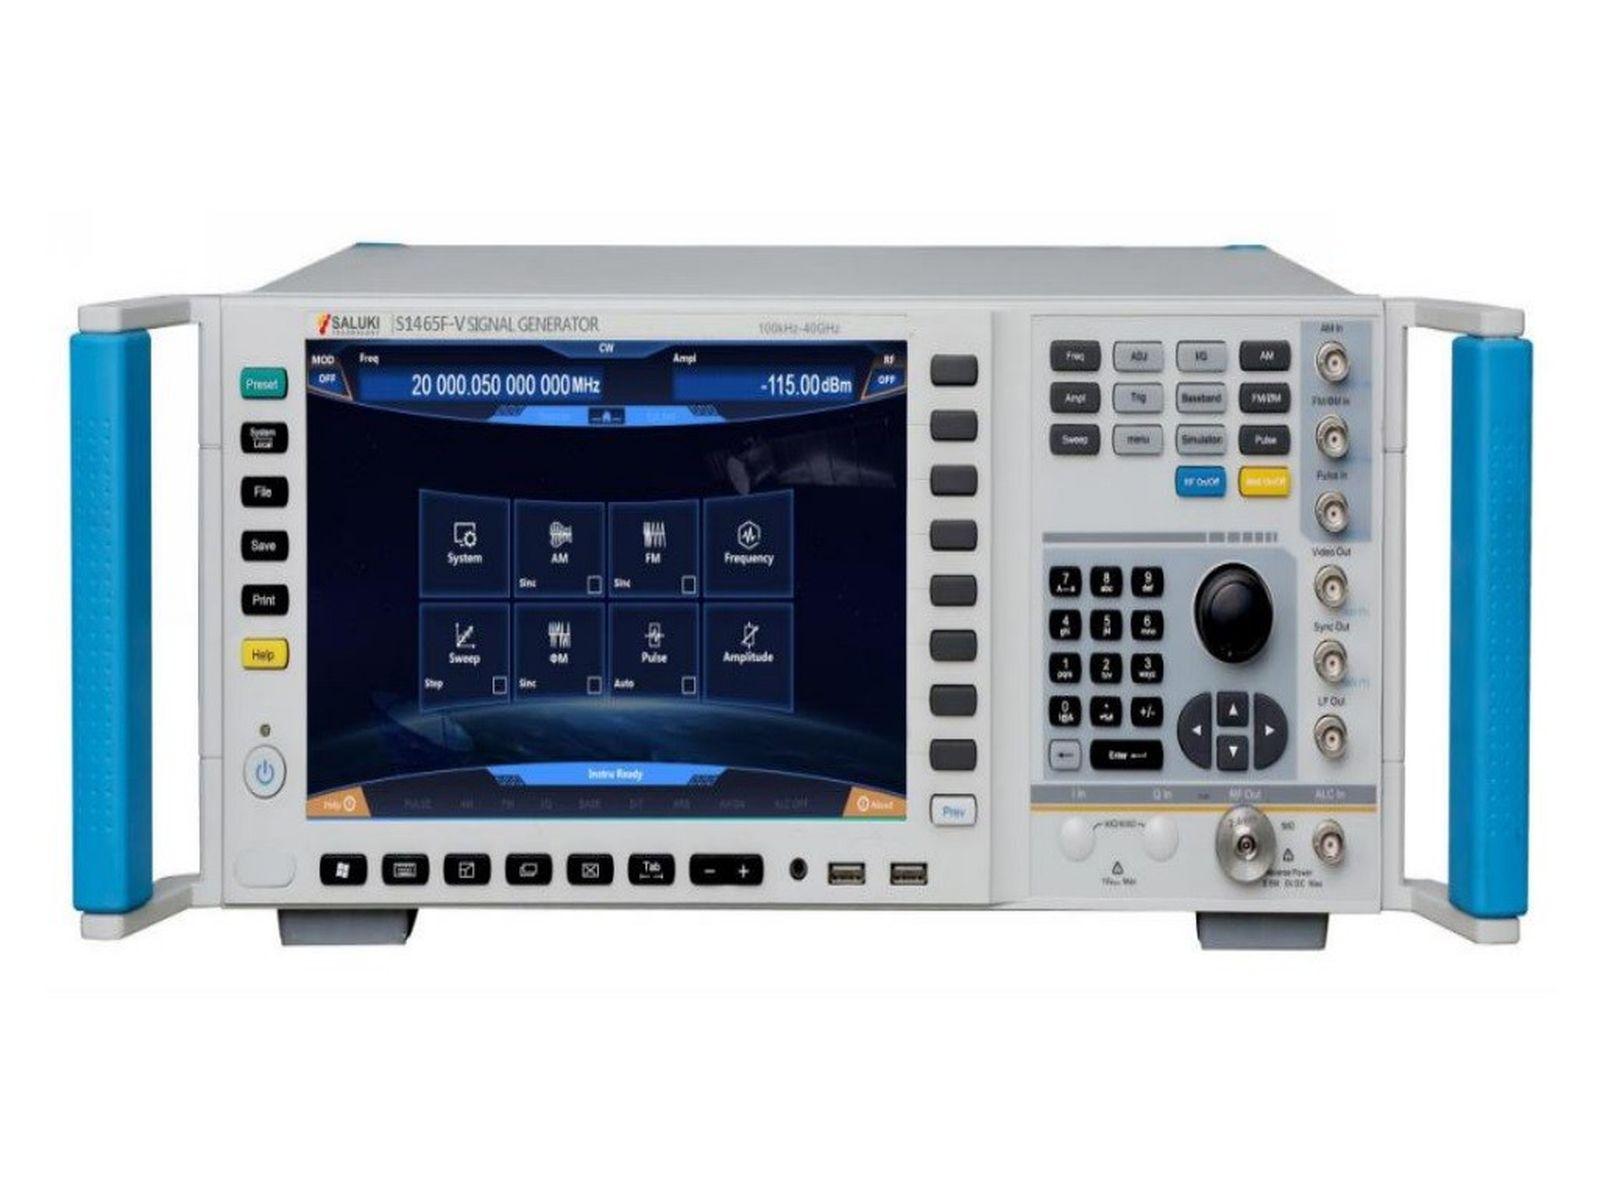 Генераторы сигналов серии S1465